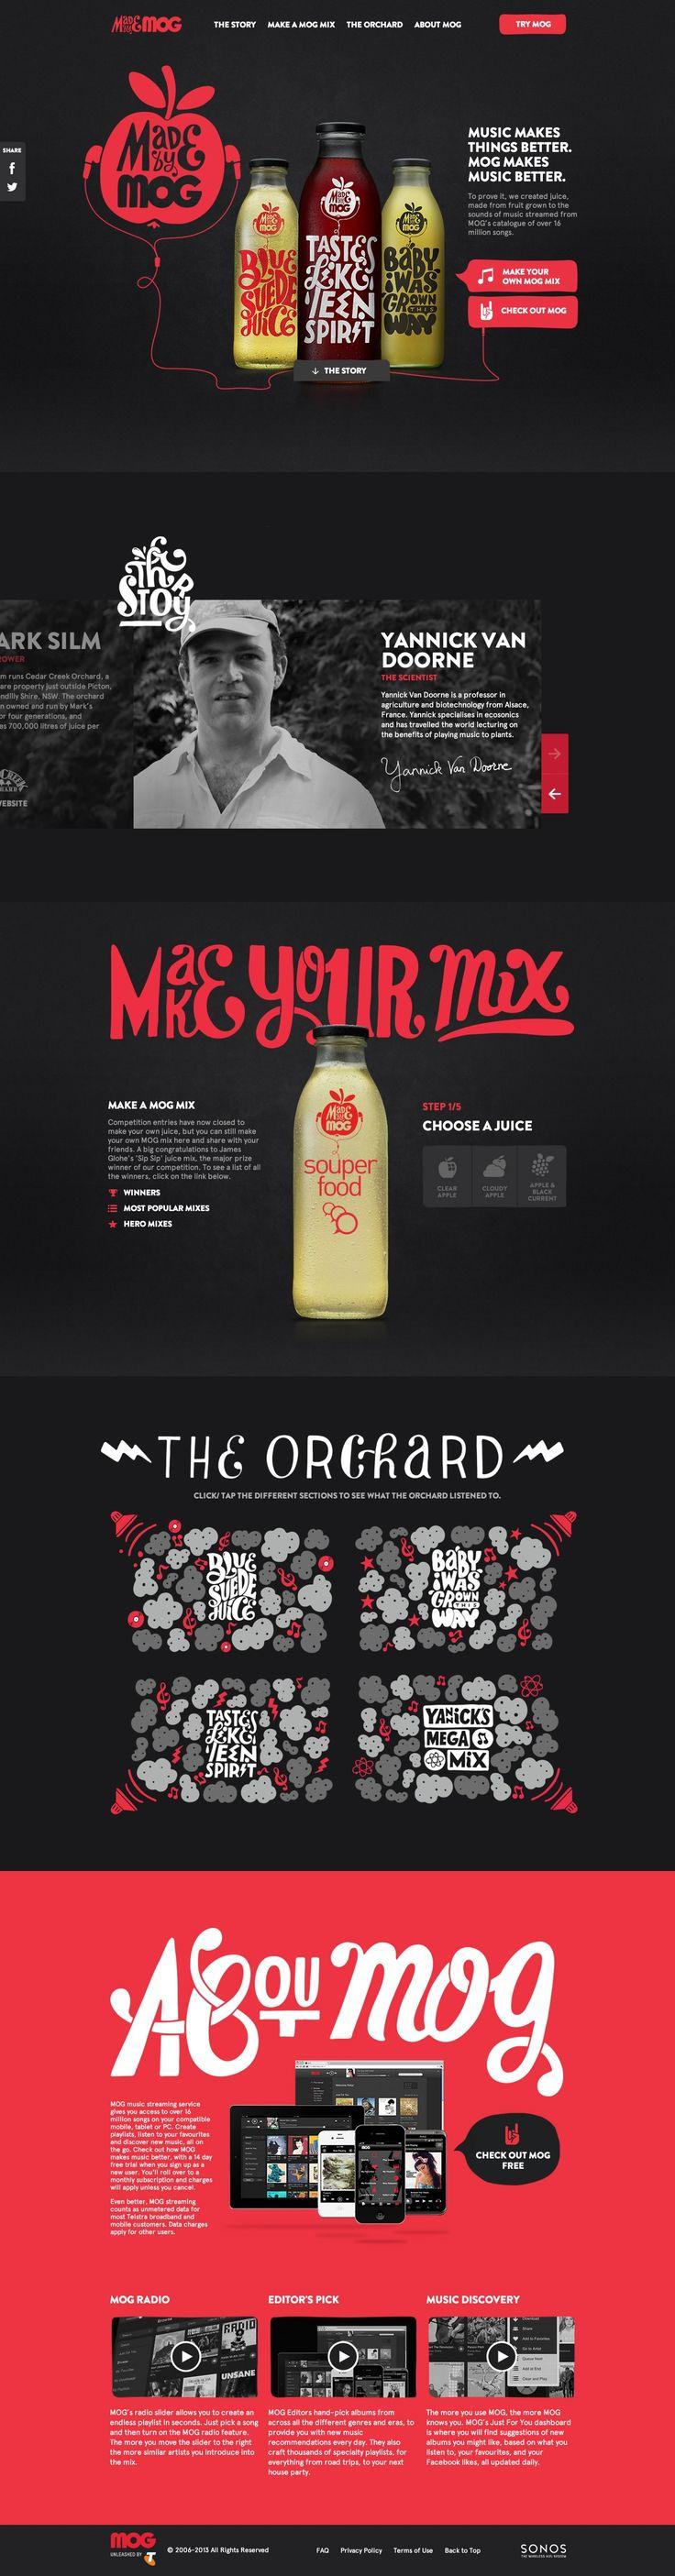 Cool Web Design, Made By Mog. #webdesign #webdevelopment [http://www.pinterest.com/alfredchong/]